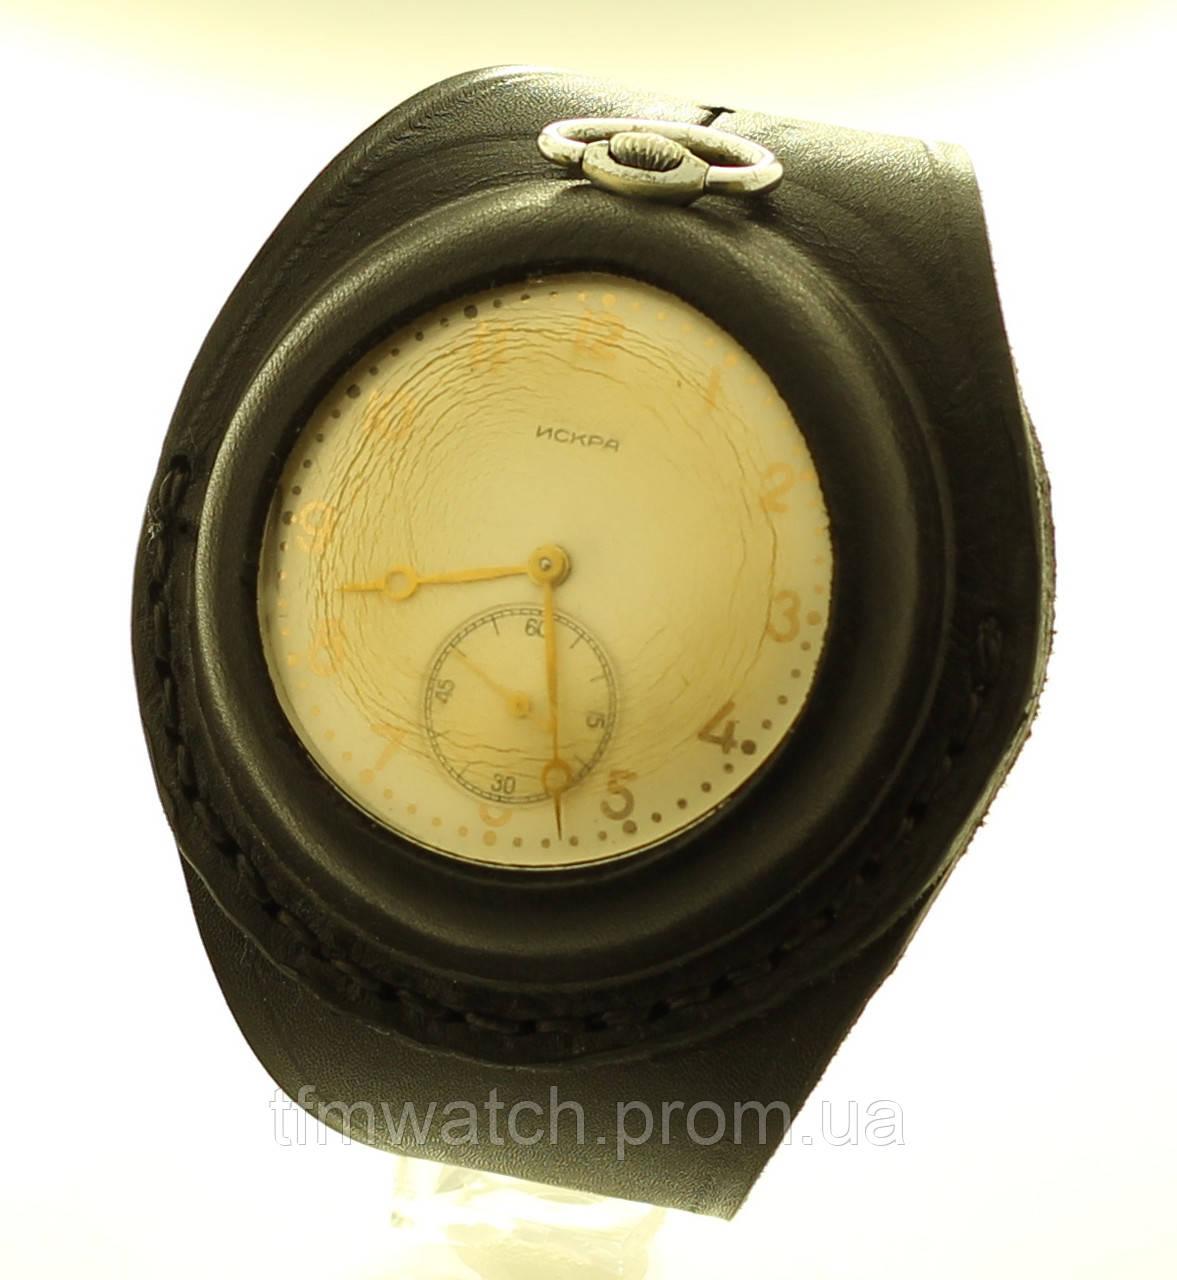 Искра карманные механические часы СССР на кожаном ремне